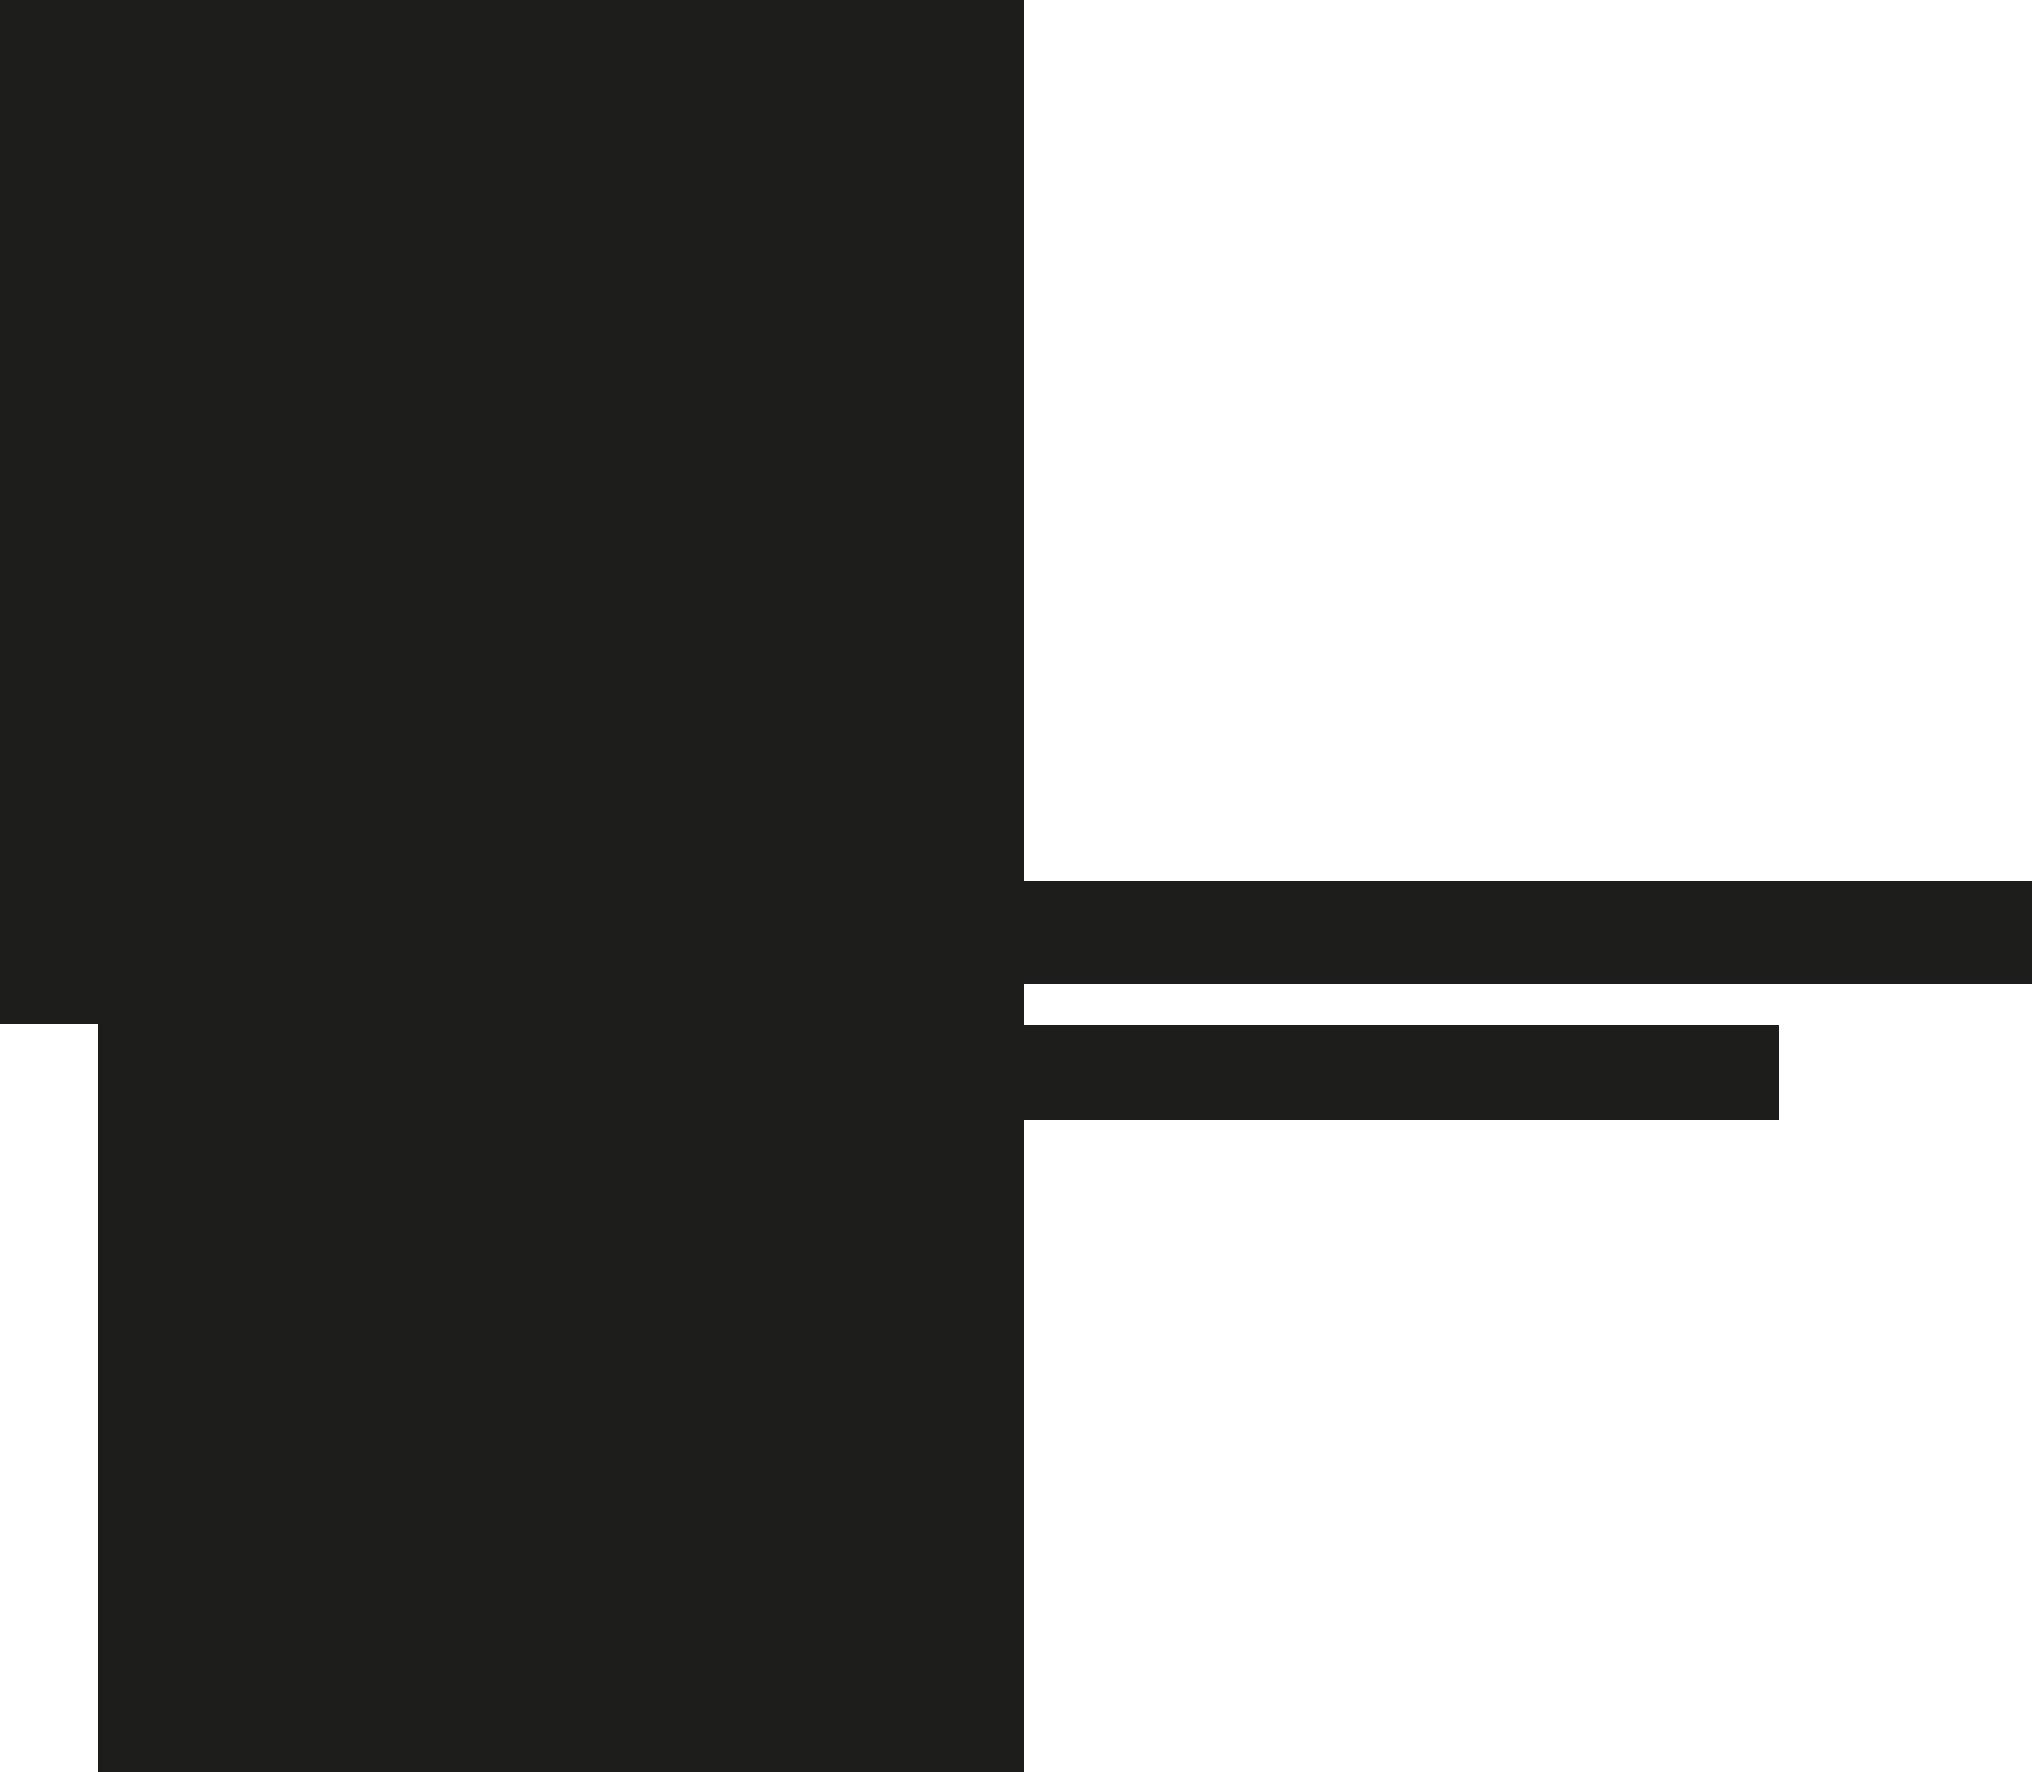 GaetanoLogo